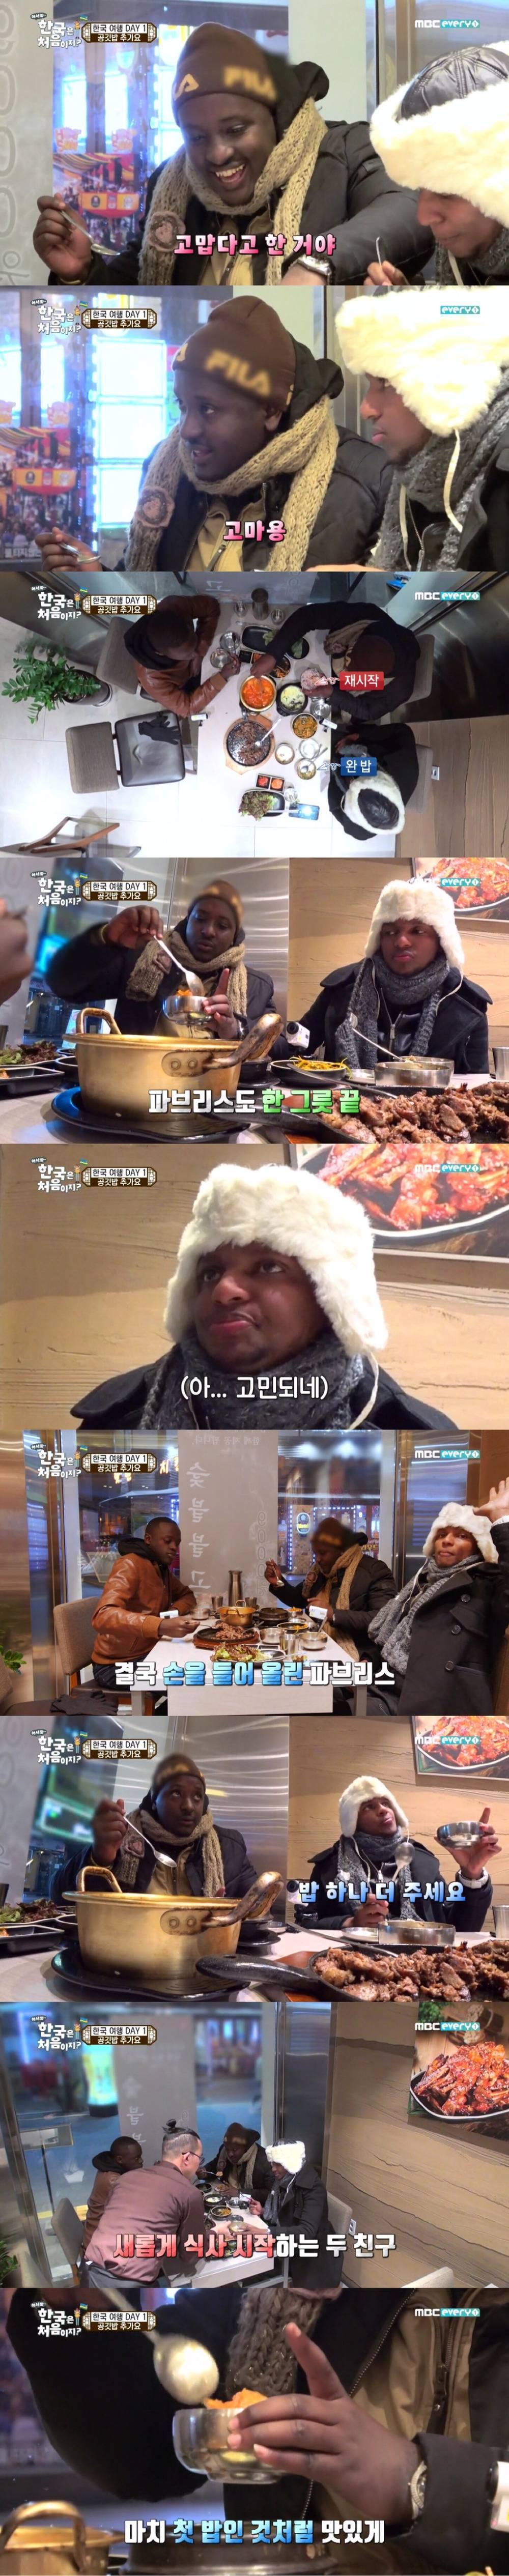 [어서와한국은처음이지] 한국음식 처음 먹어보는 르완다 친구들.jpg   인스티즈